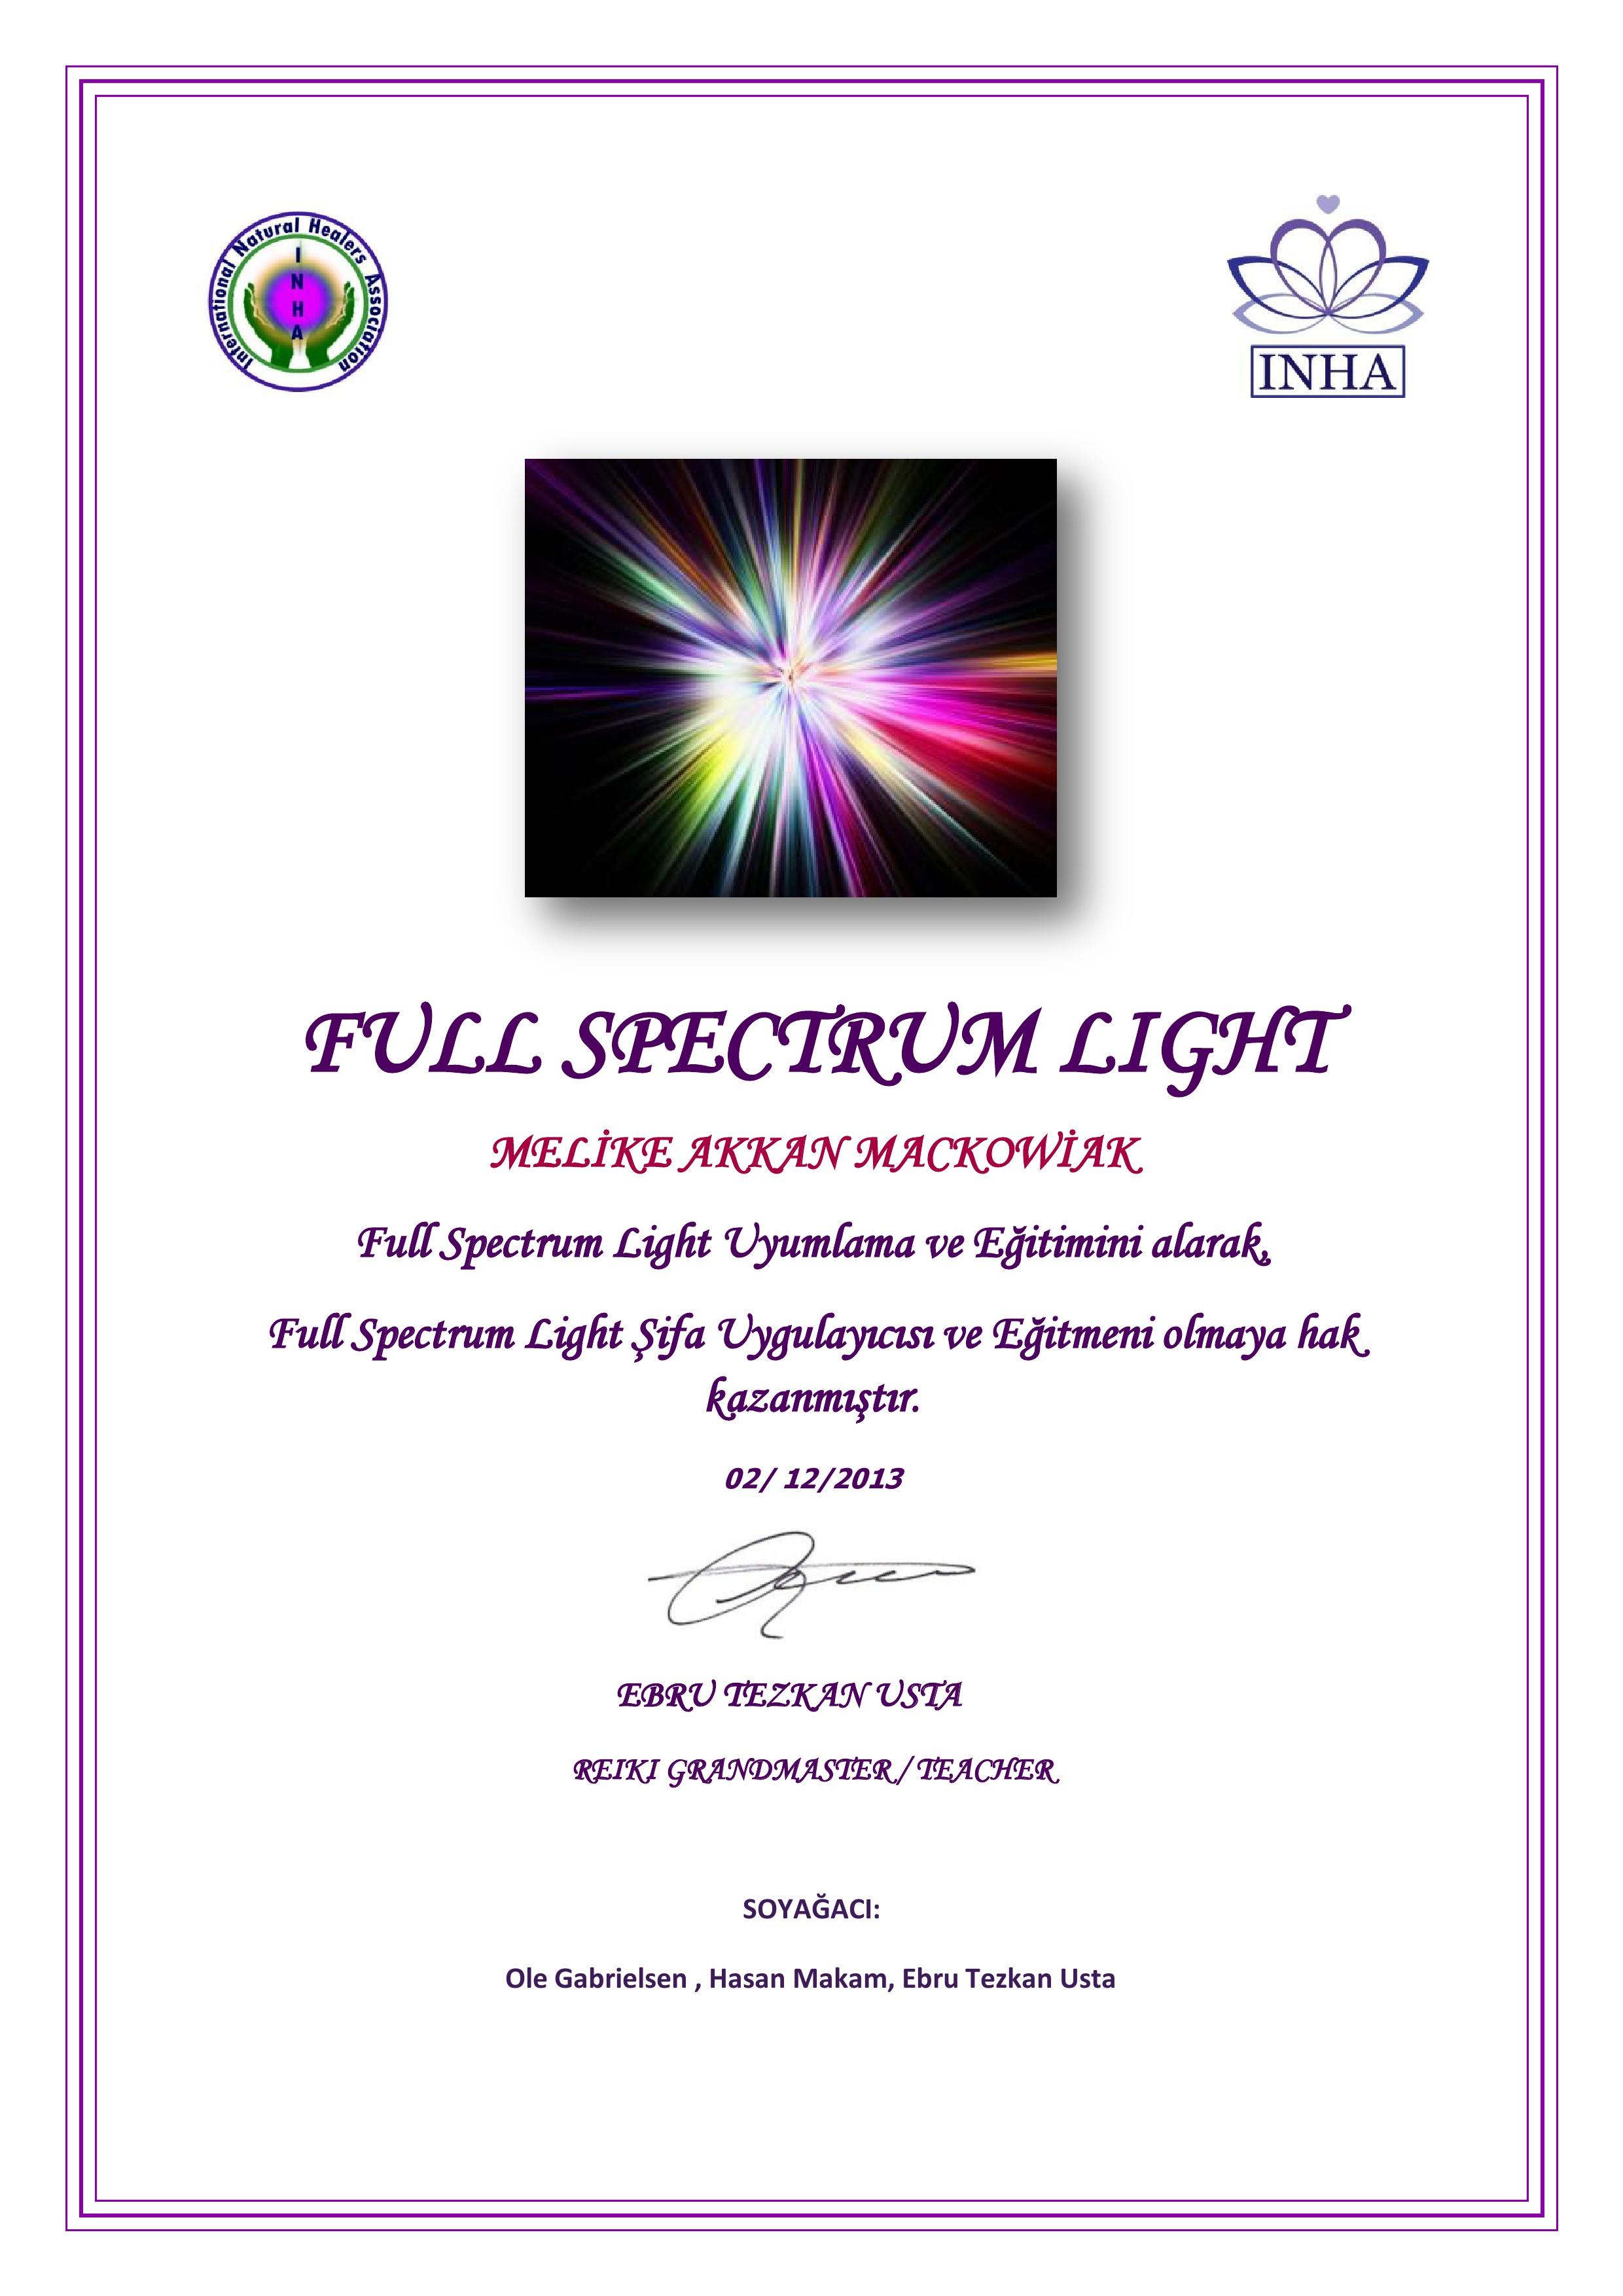 Full Spectrum Light